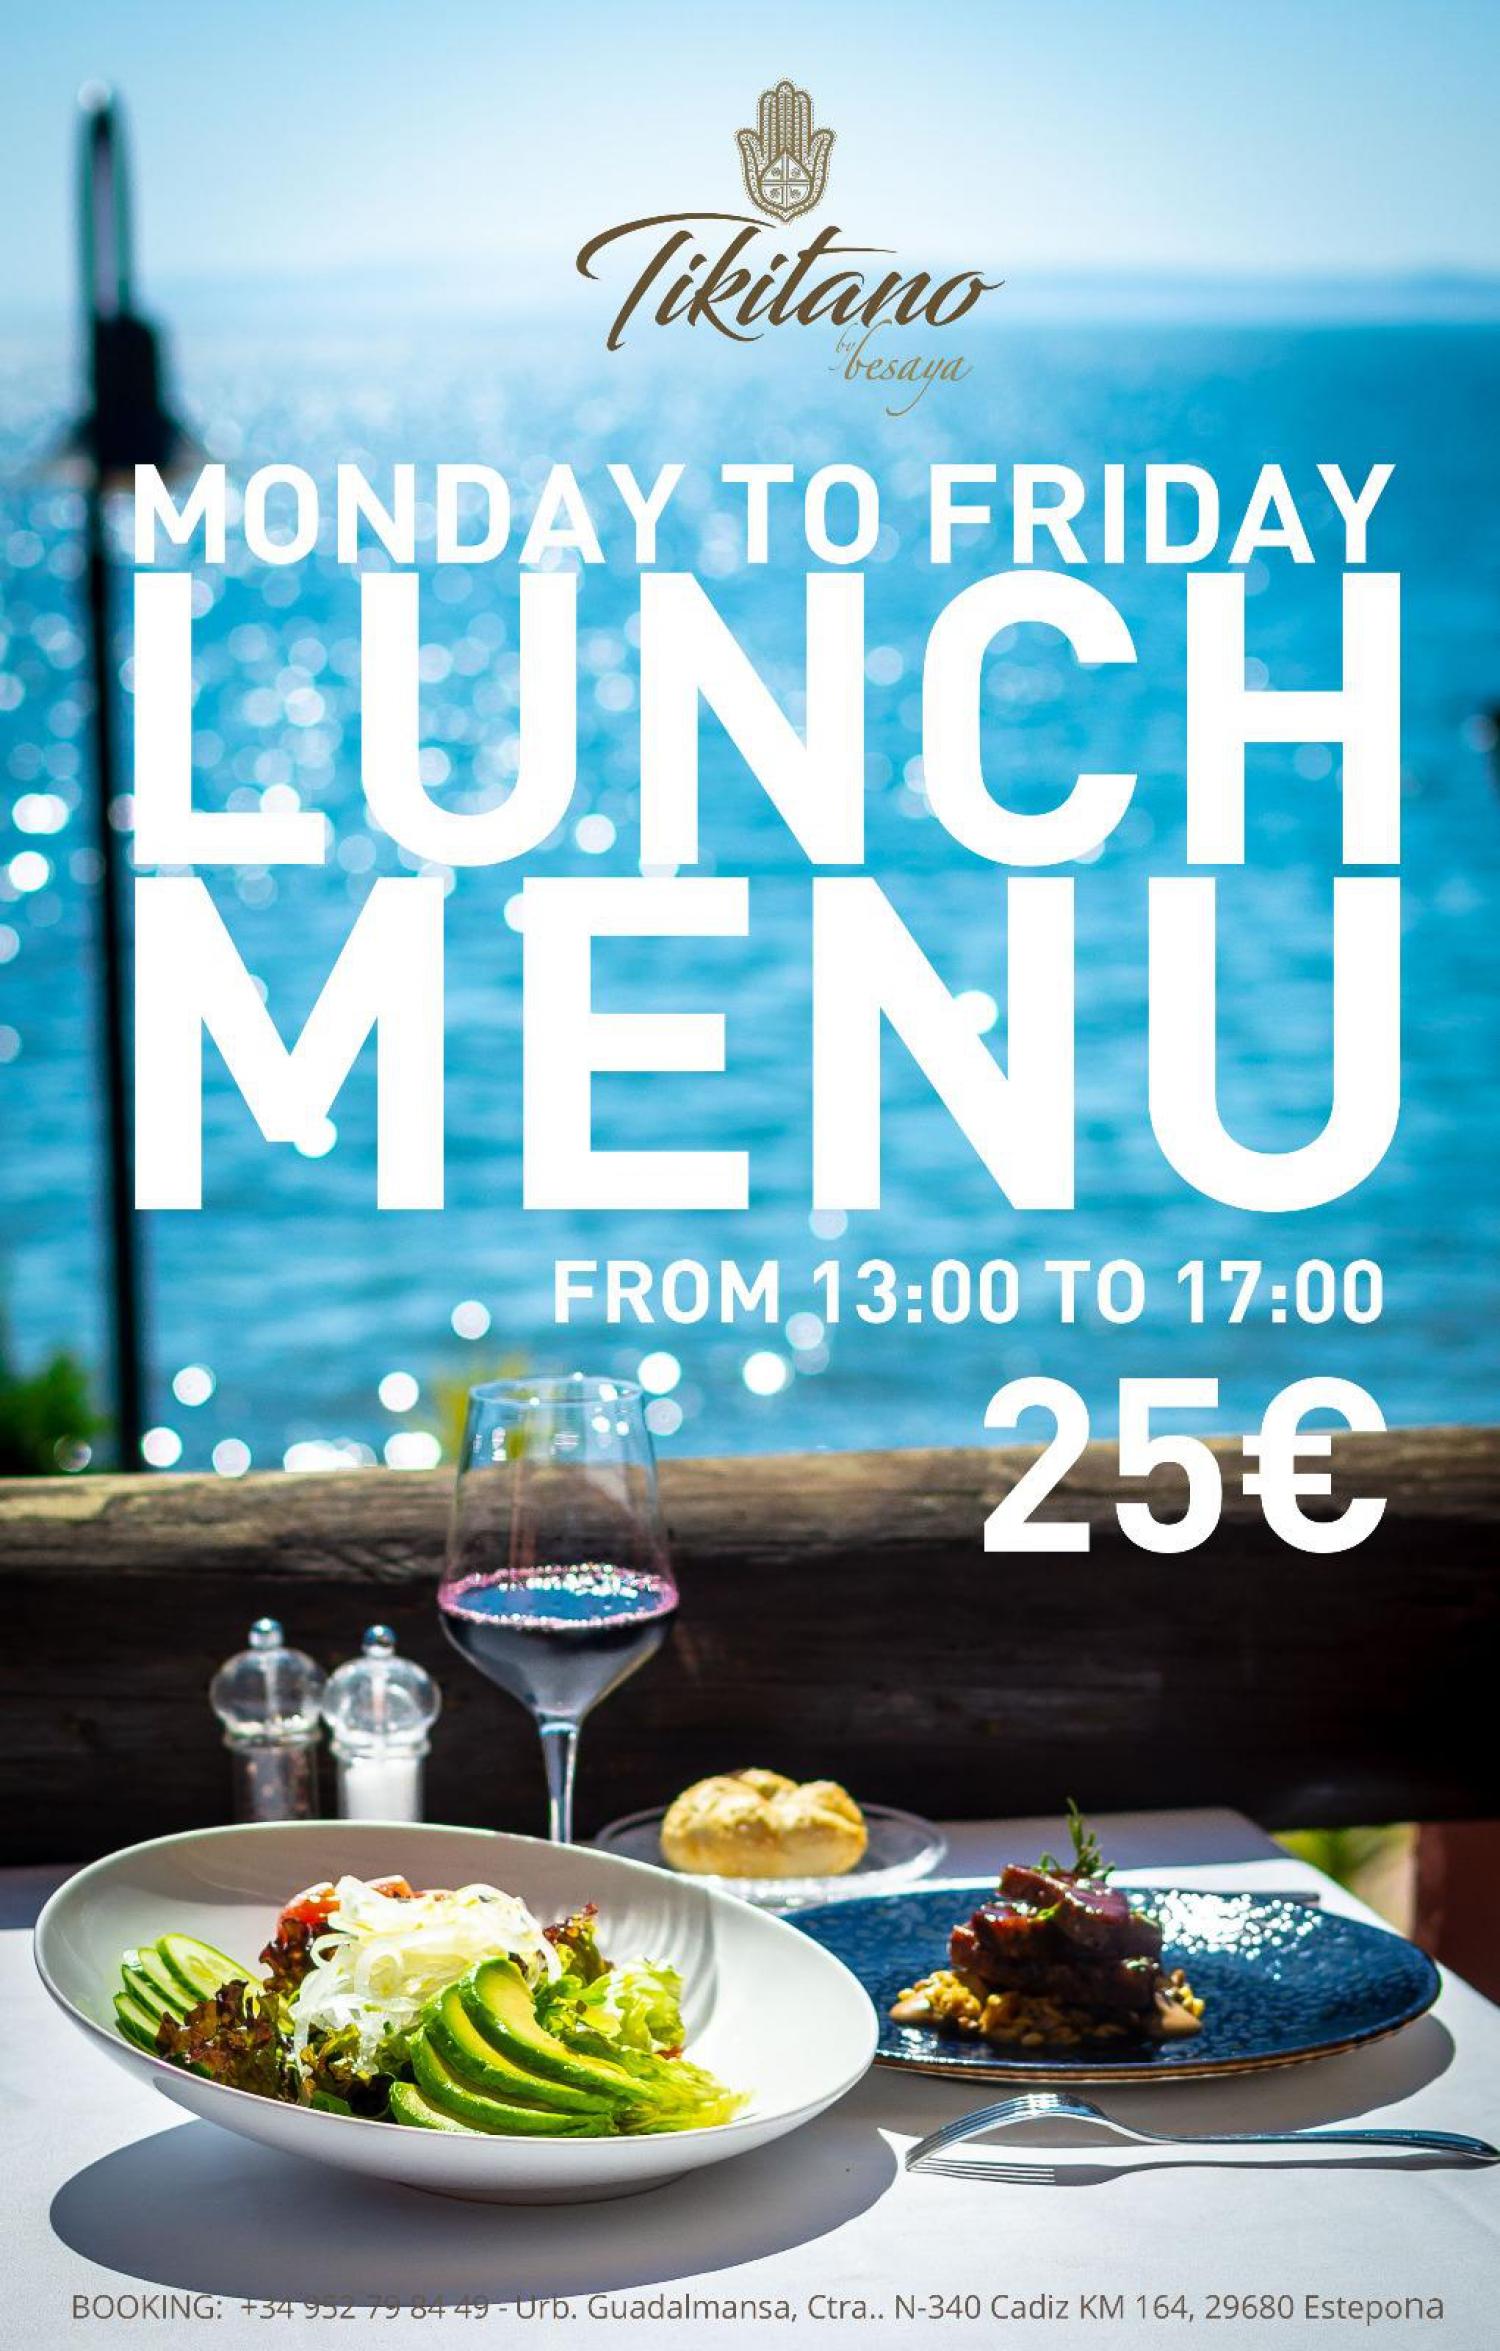 Lunch Menu at Tikitano